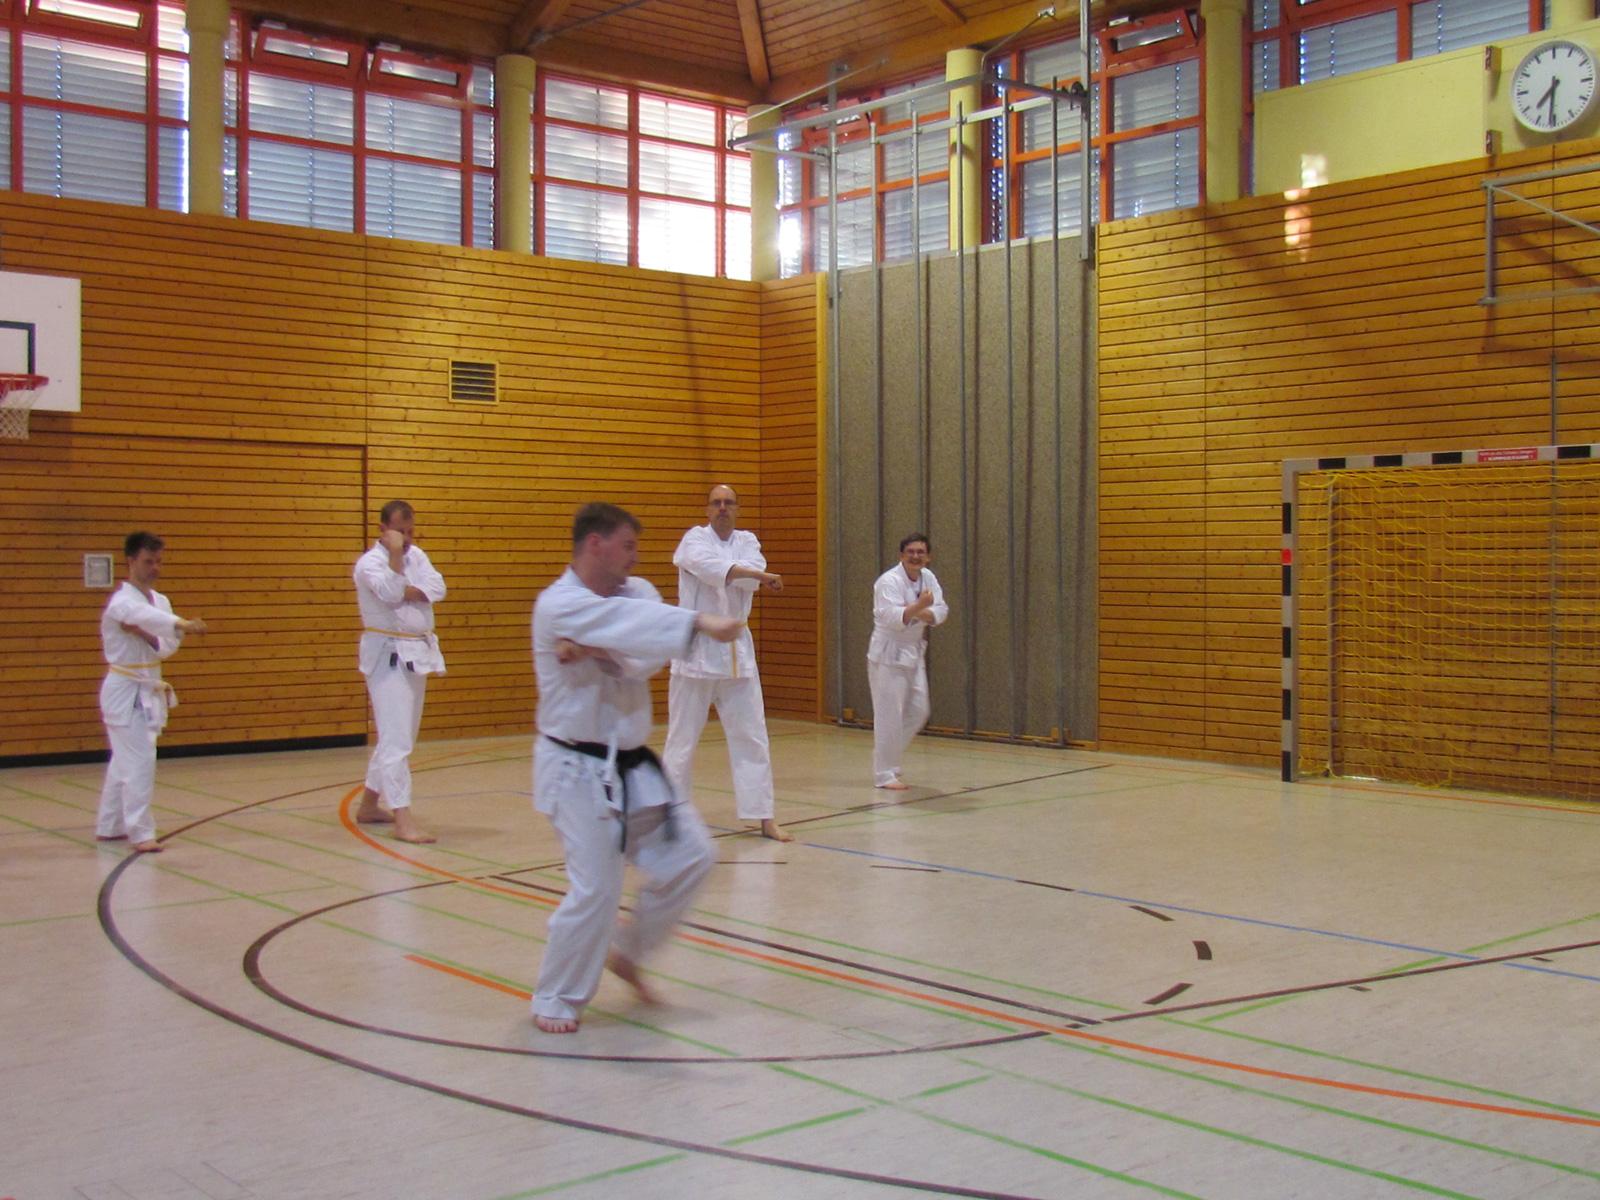 Funakoshi-Vorsitzender Daniel Gries hat für seine Karateschüler mit geistigem Handicap eine Kata für Menschen mit Behinderung entwickelt.